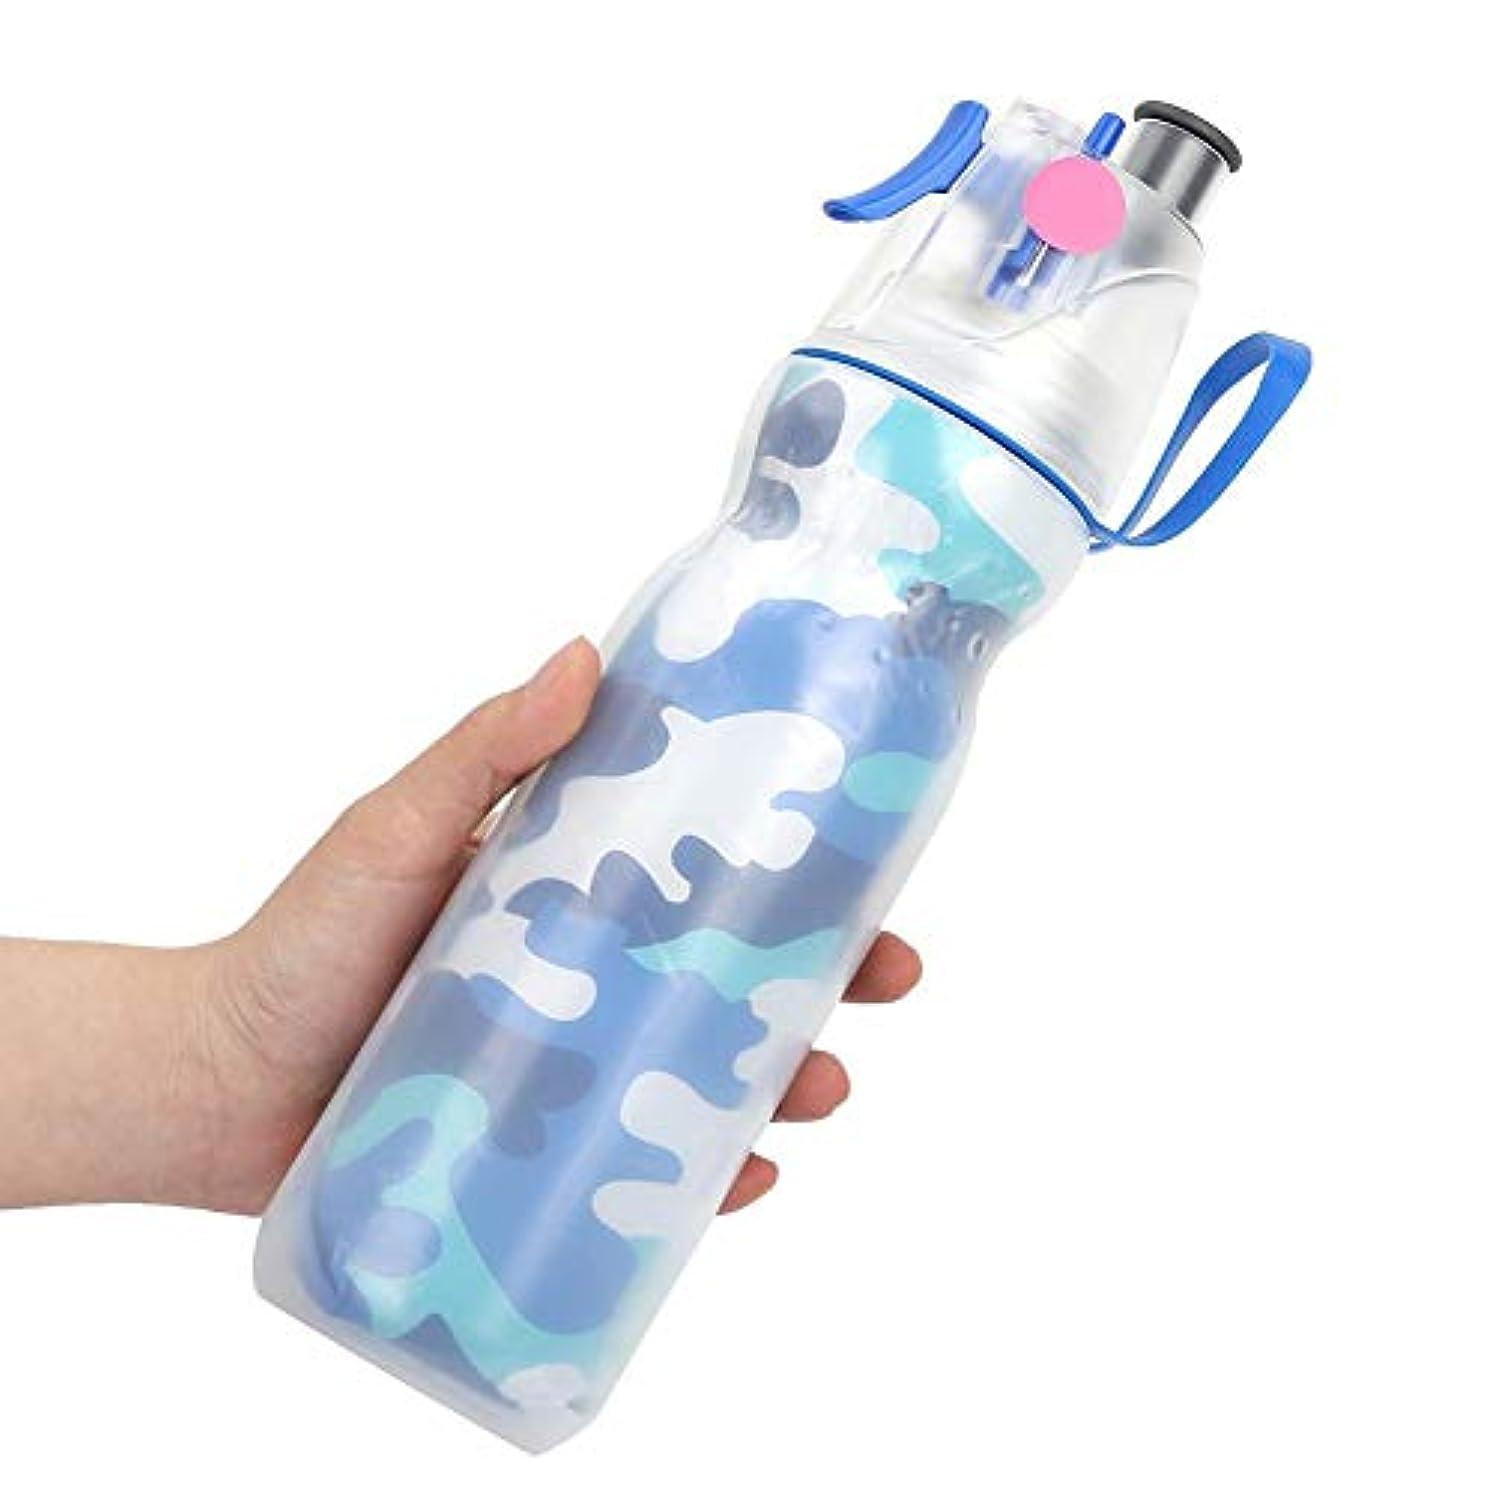 濃度馬鹿デクリメント霧の水差し スプレーウォーターボトル ミストウォーターボトル 二重層デザイン 大容量 水貯蔵 お風呂/出張/旅行/海外に適用 2色